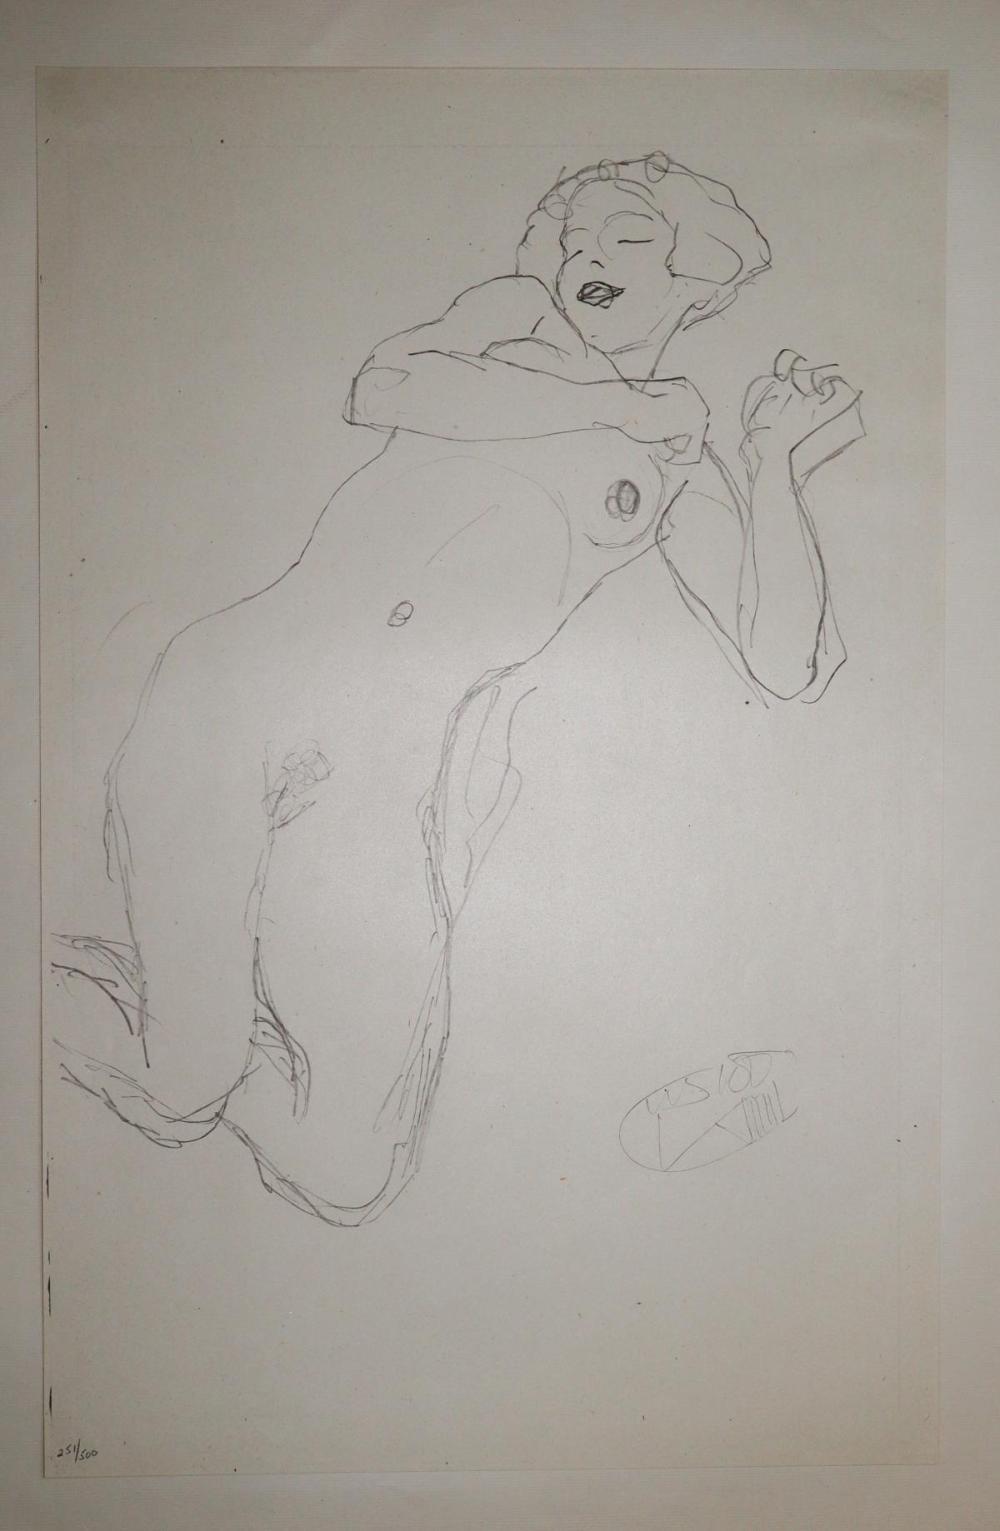 Gustav Klimt (After) - Untitled 5